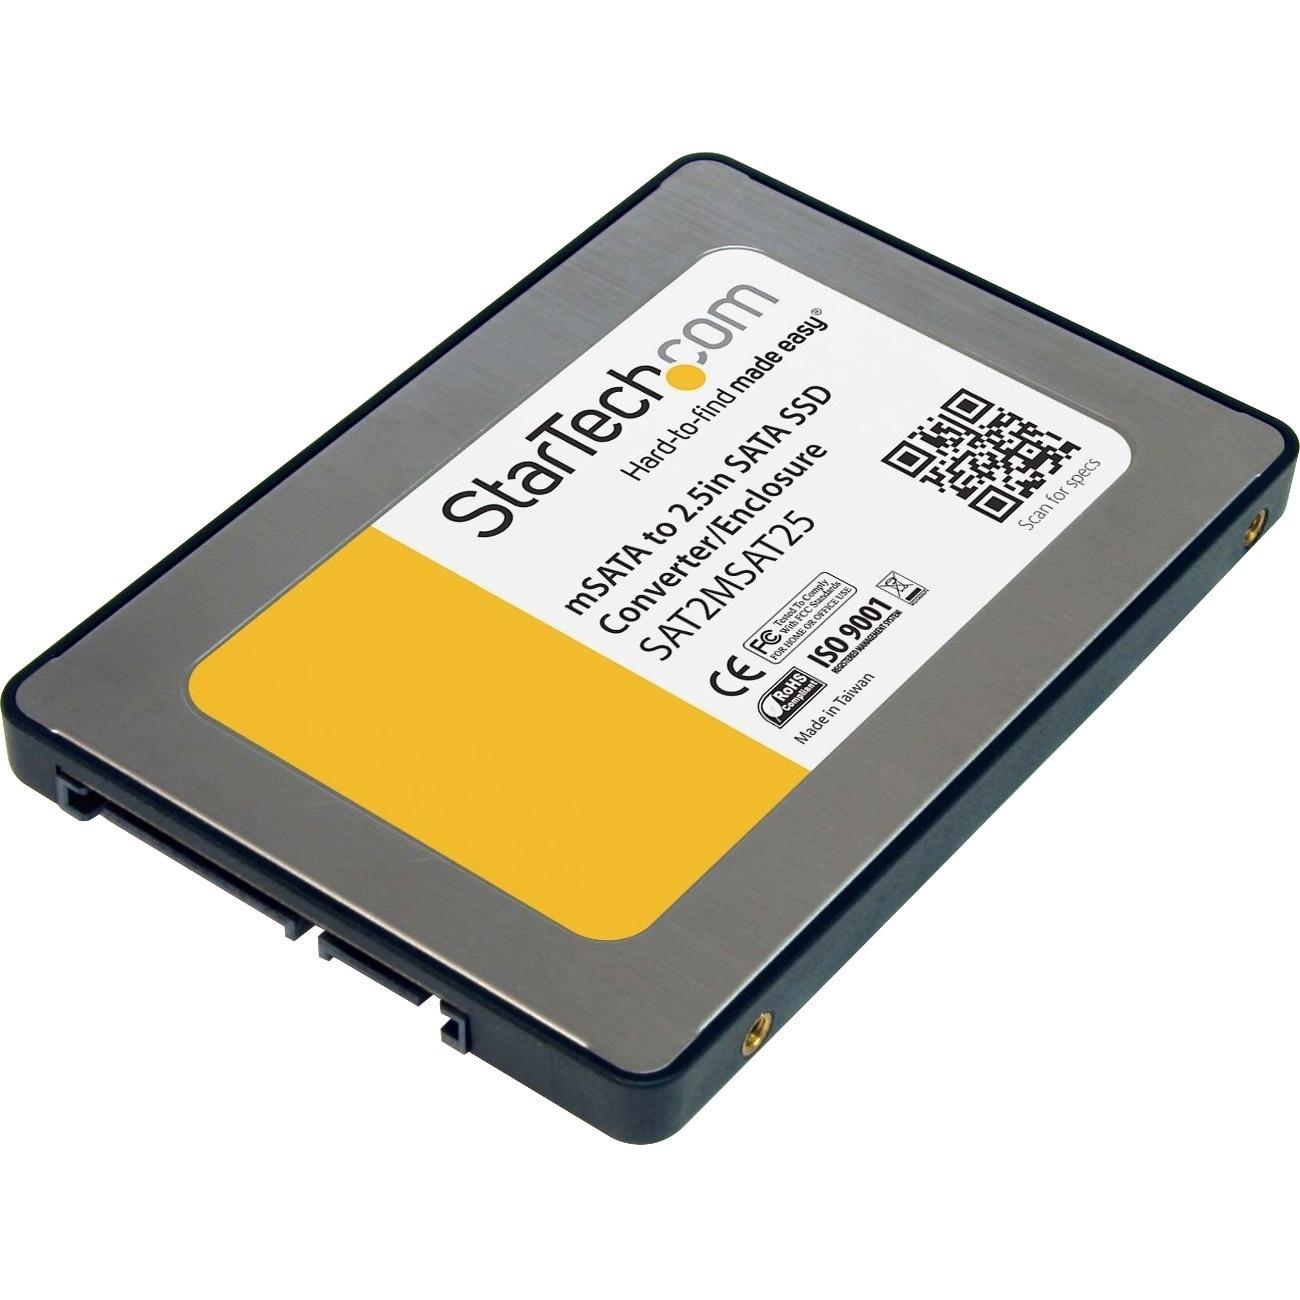 Startech 2.5in Sata to Mini Sata SSD Adapter Enclosure, M...